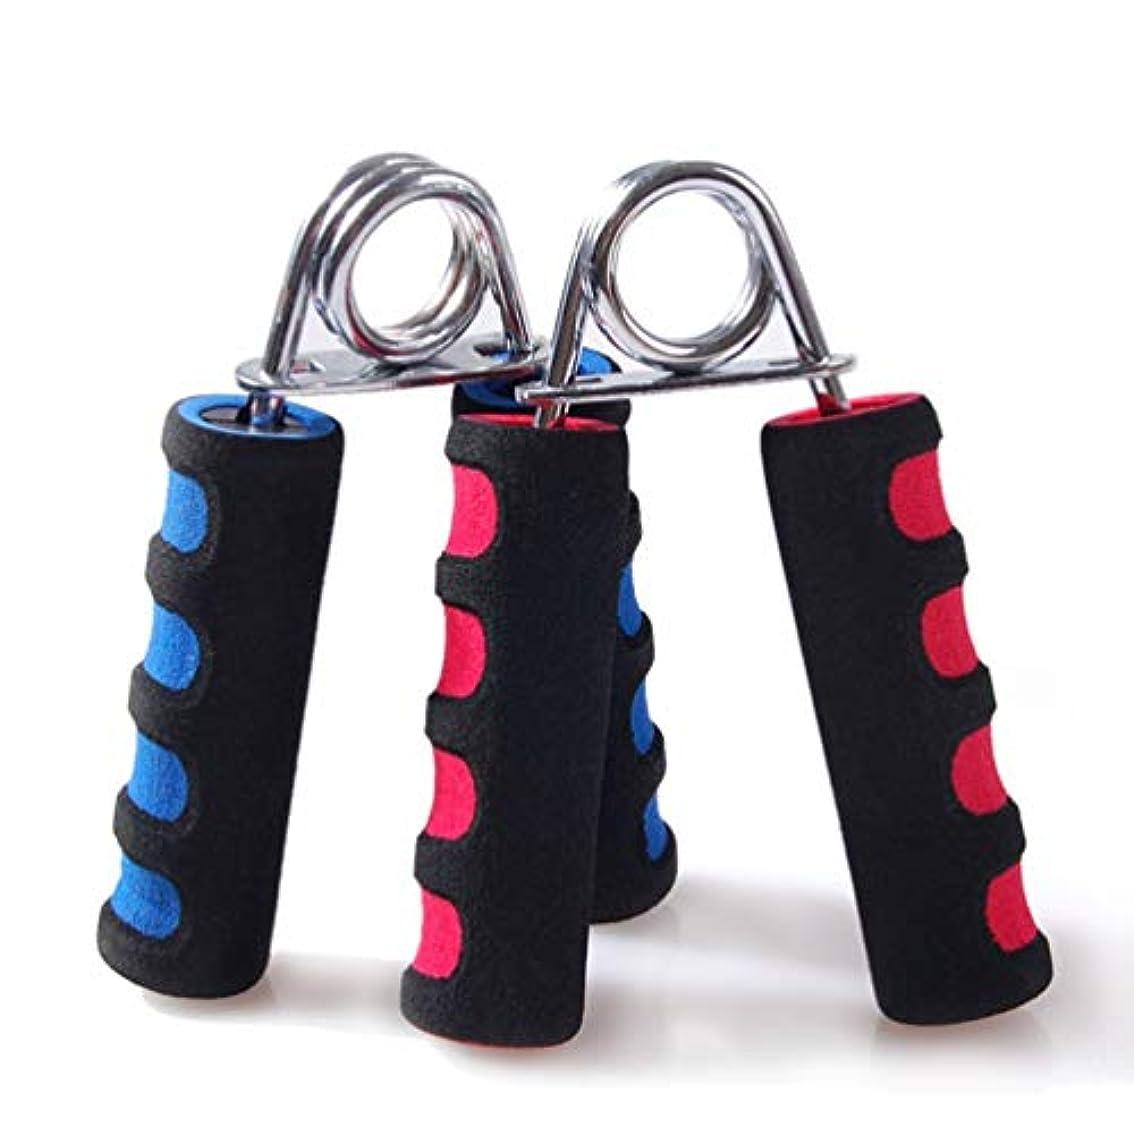 雇うジョセフバンクス回転ハンドグリッパーアーム手首エクササイザフィットネスグリップジムと毎日の運動のためのヘビーストレングストレーナー - カラーランダム